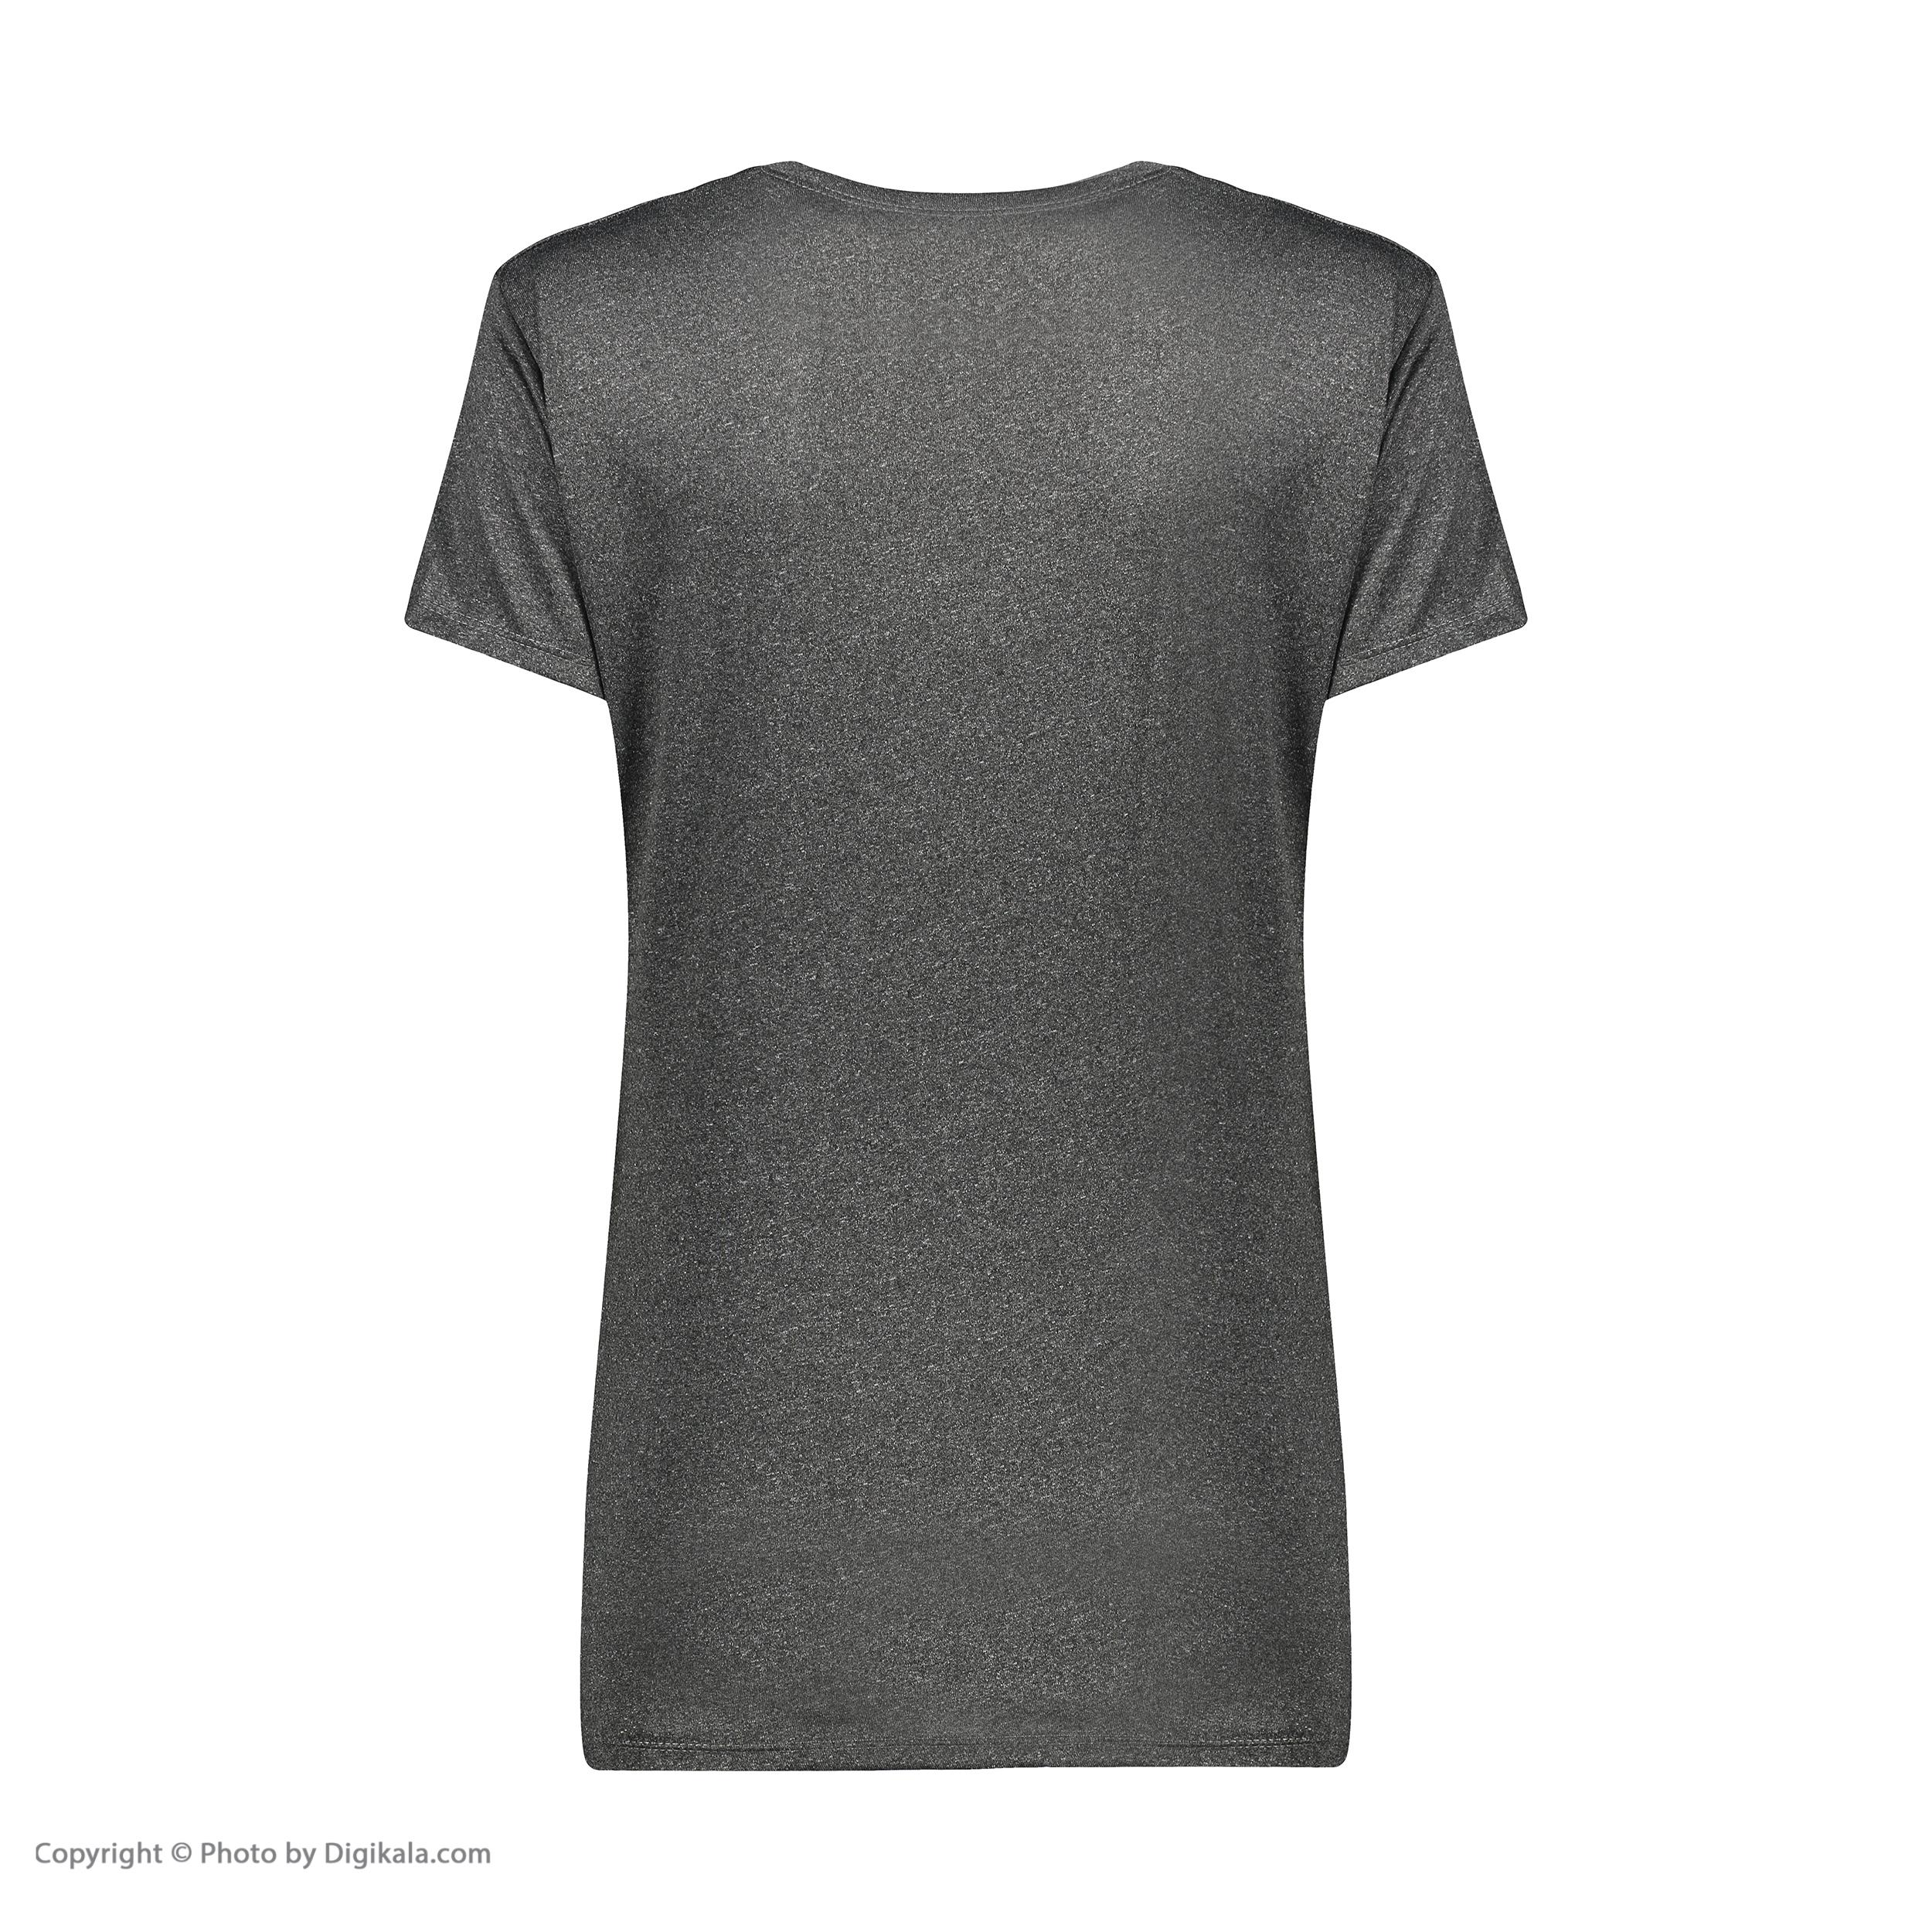 تی شرت زنانه مدل Q9                     غیر اصل